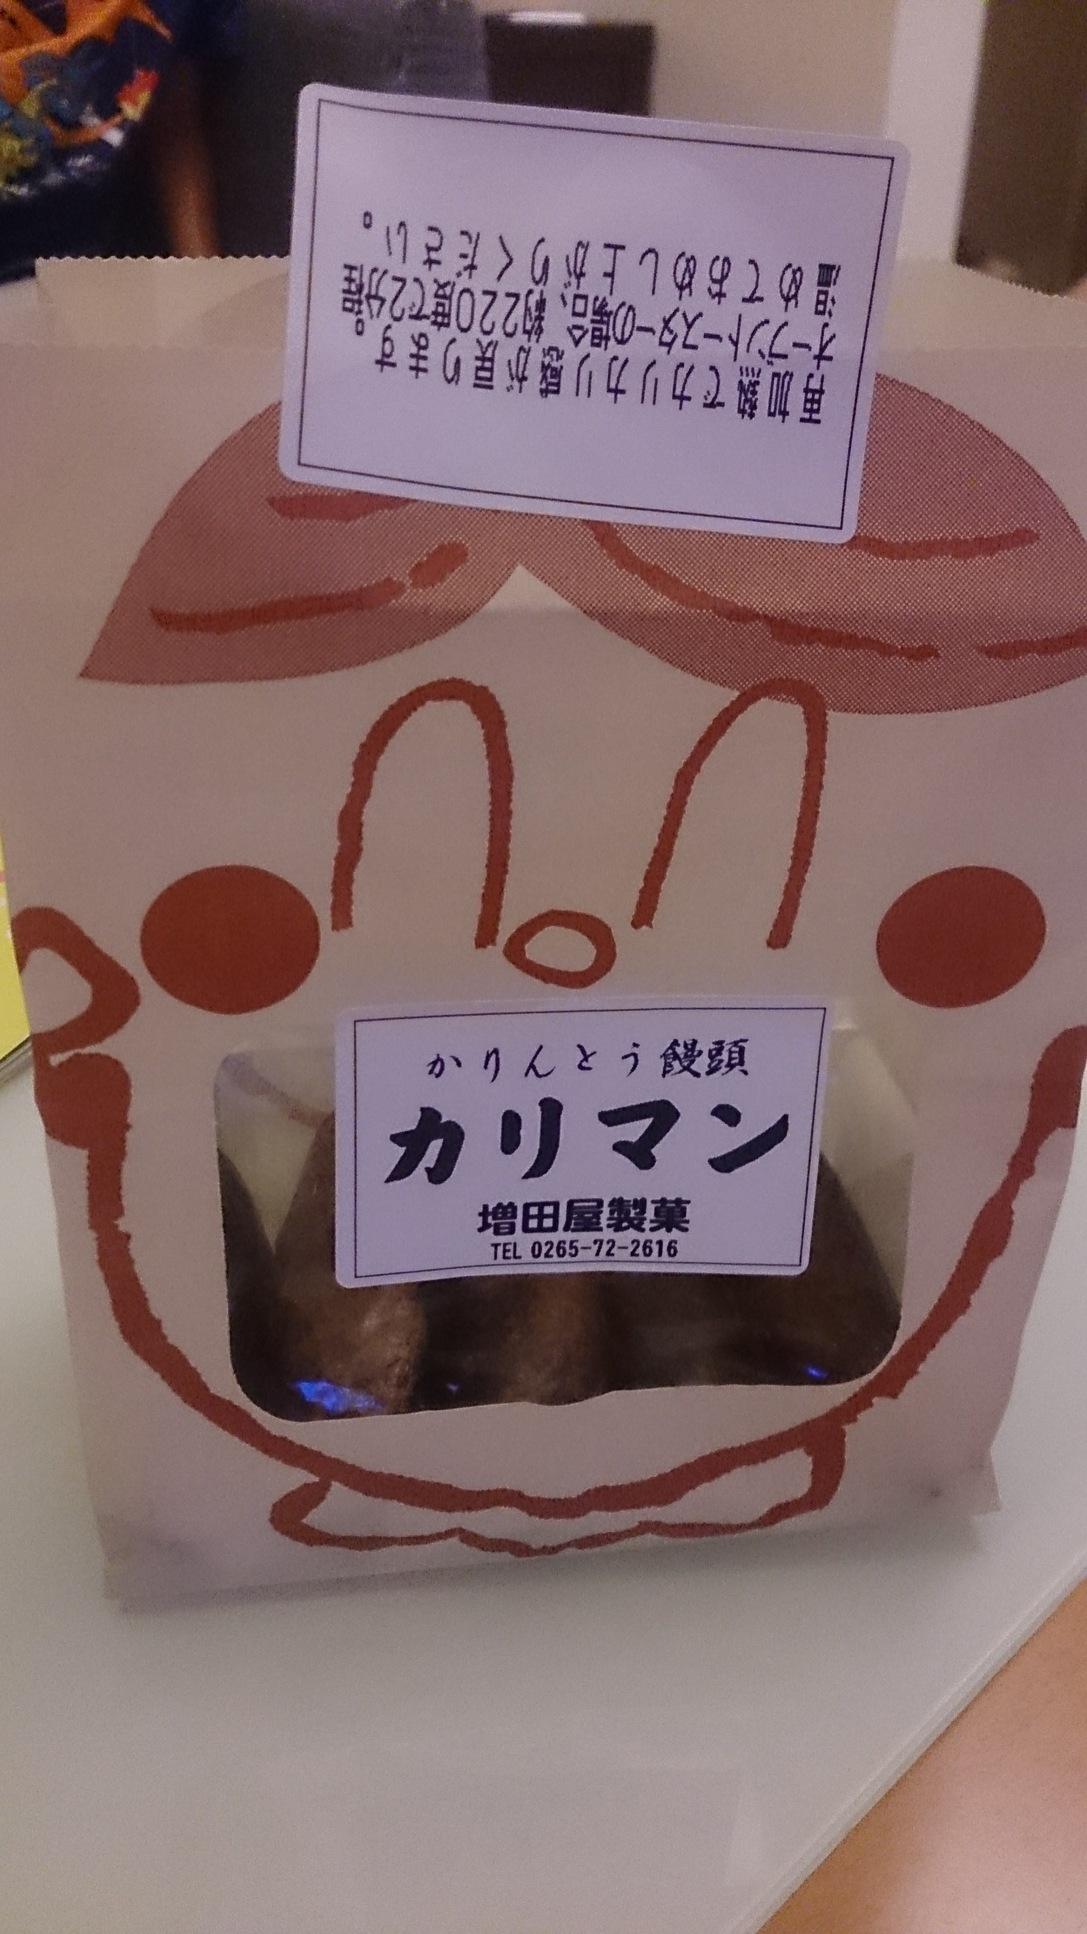 増田屋製菓